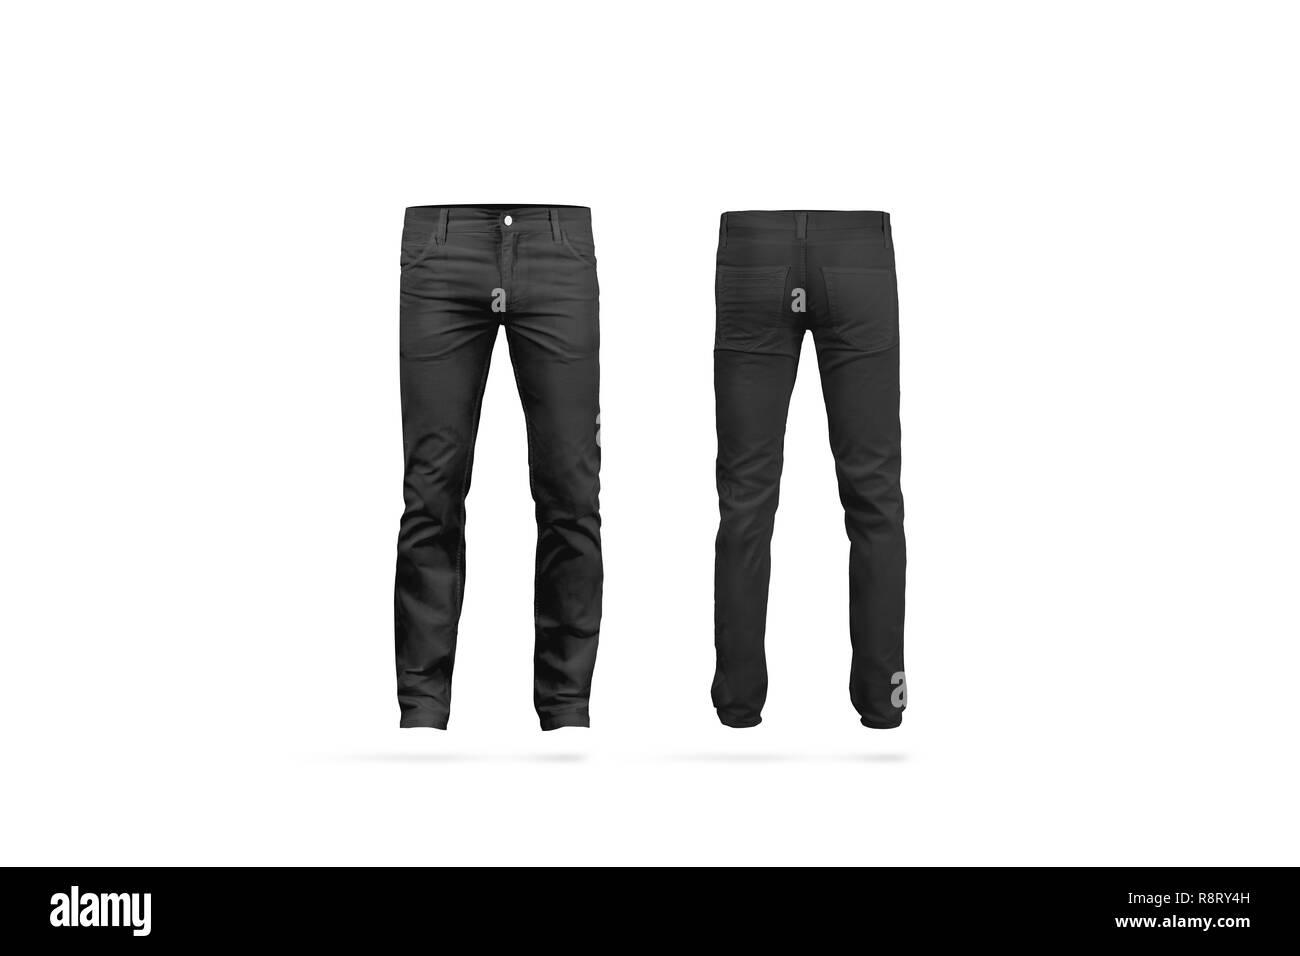 Schwarze Hose Hosenhose Stockfotos & Schwarze Hose Hosenhose